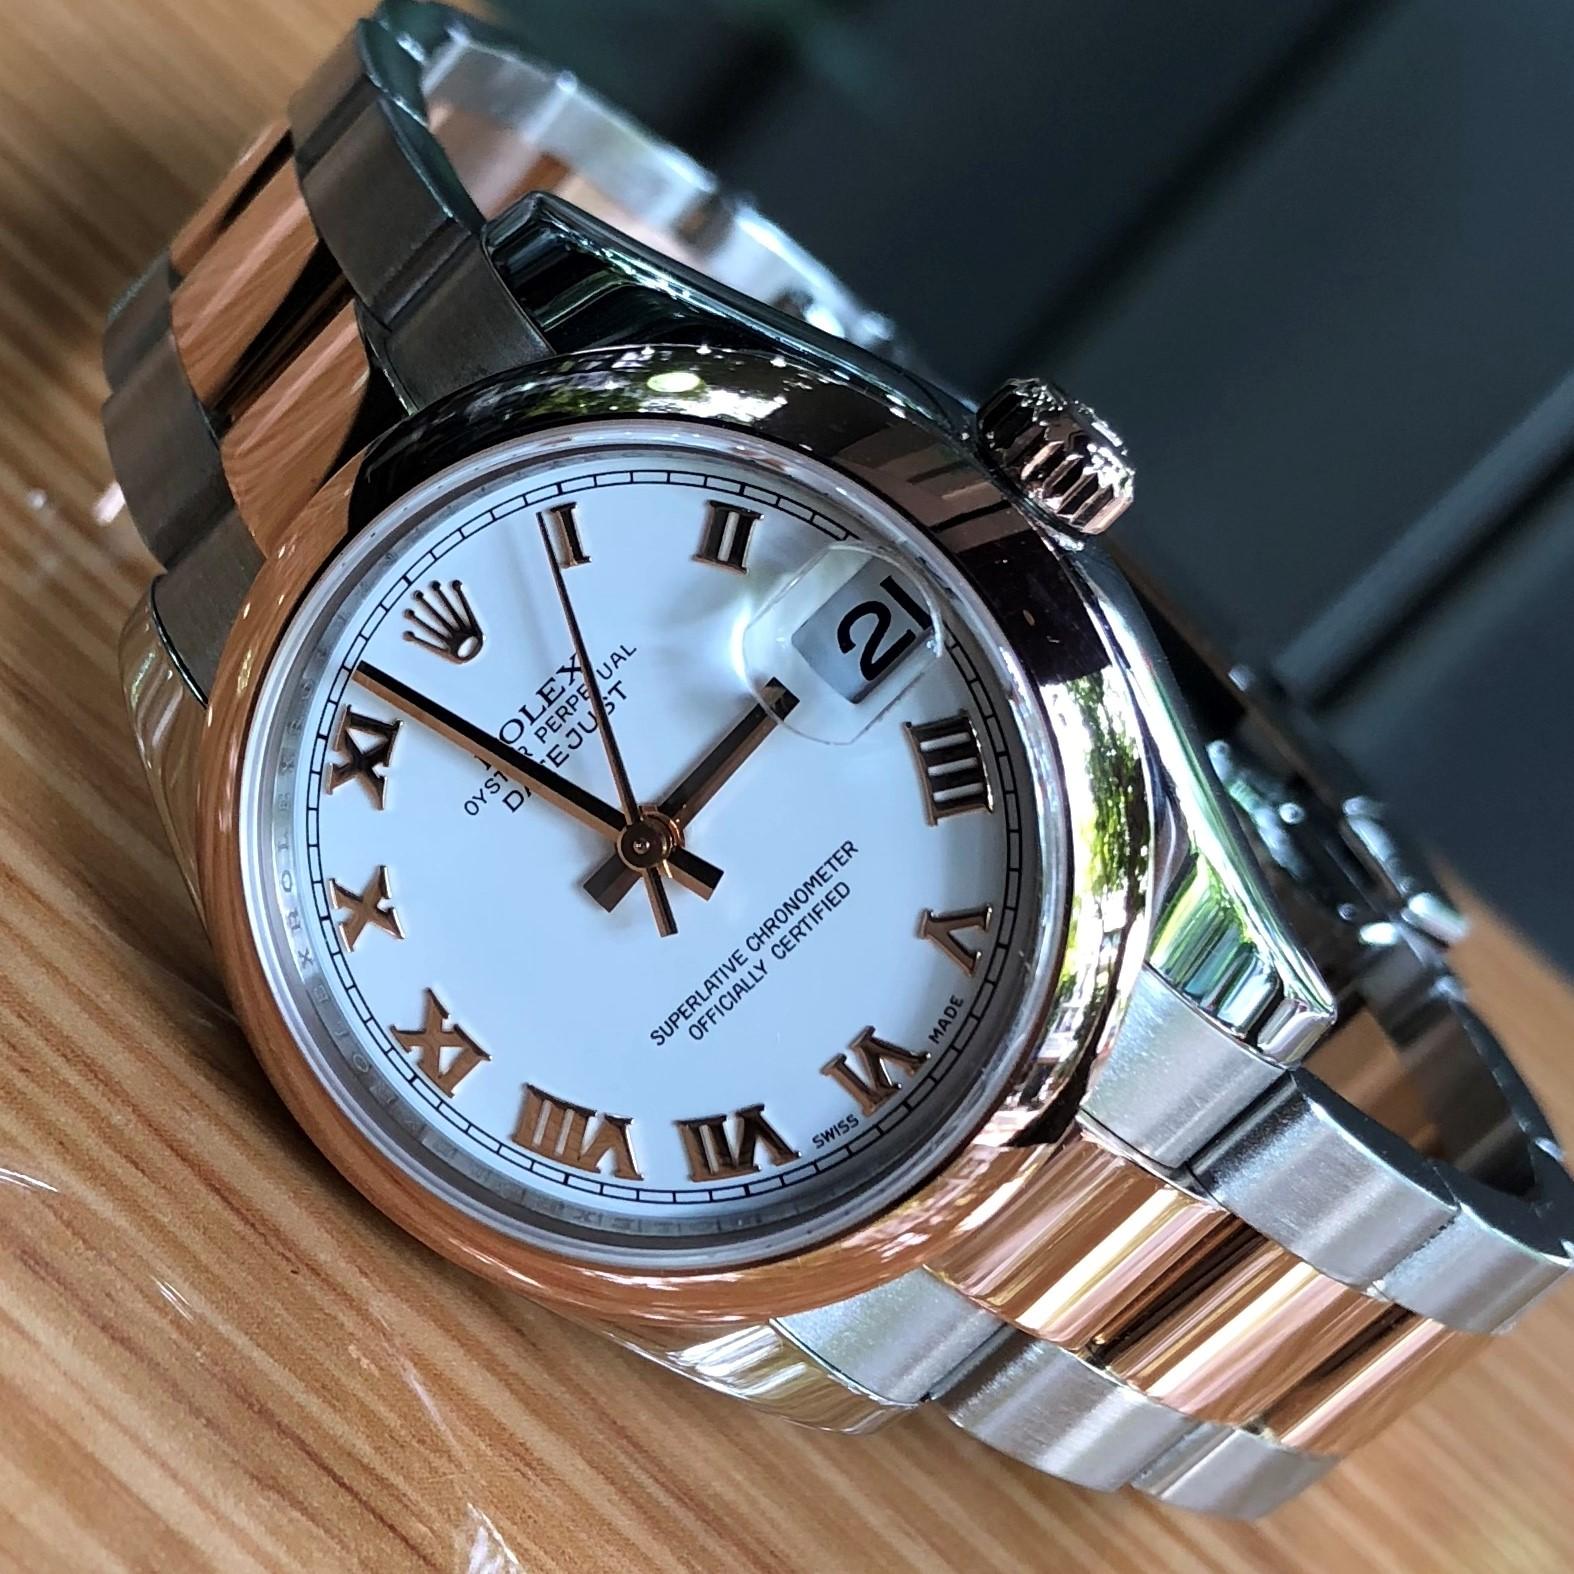 Rolex nữ 178241 mặt trắng cọc số La Mã demi vàng hồng 18k đời 2011